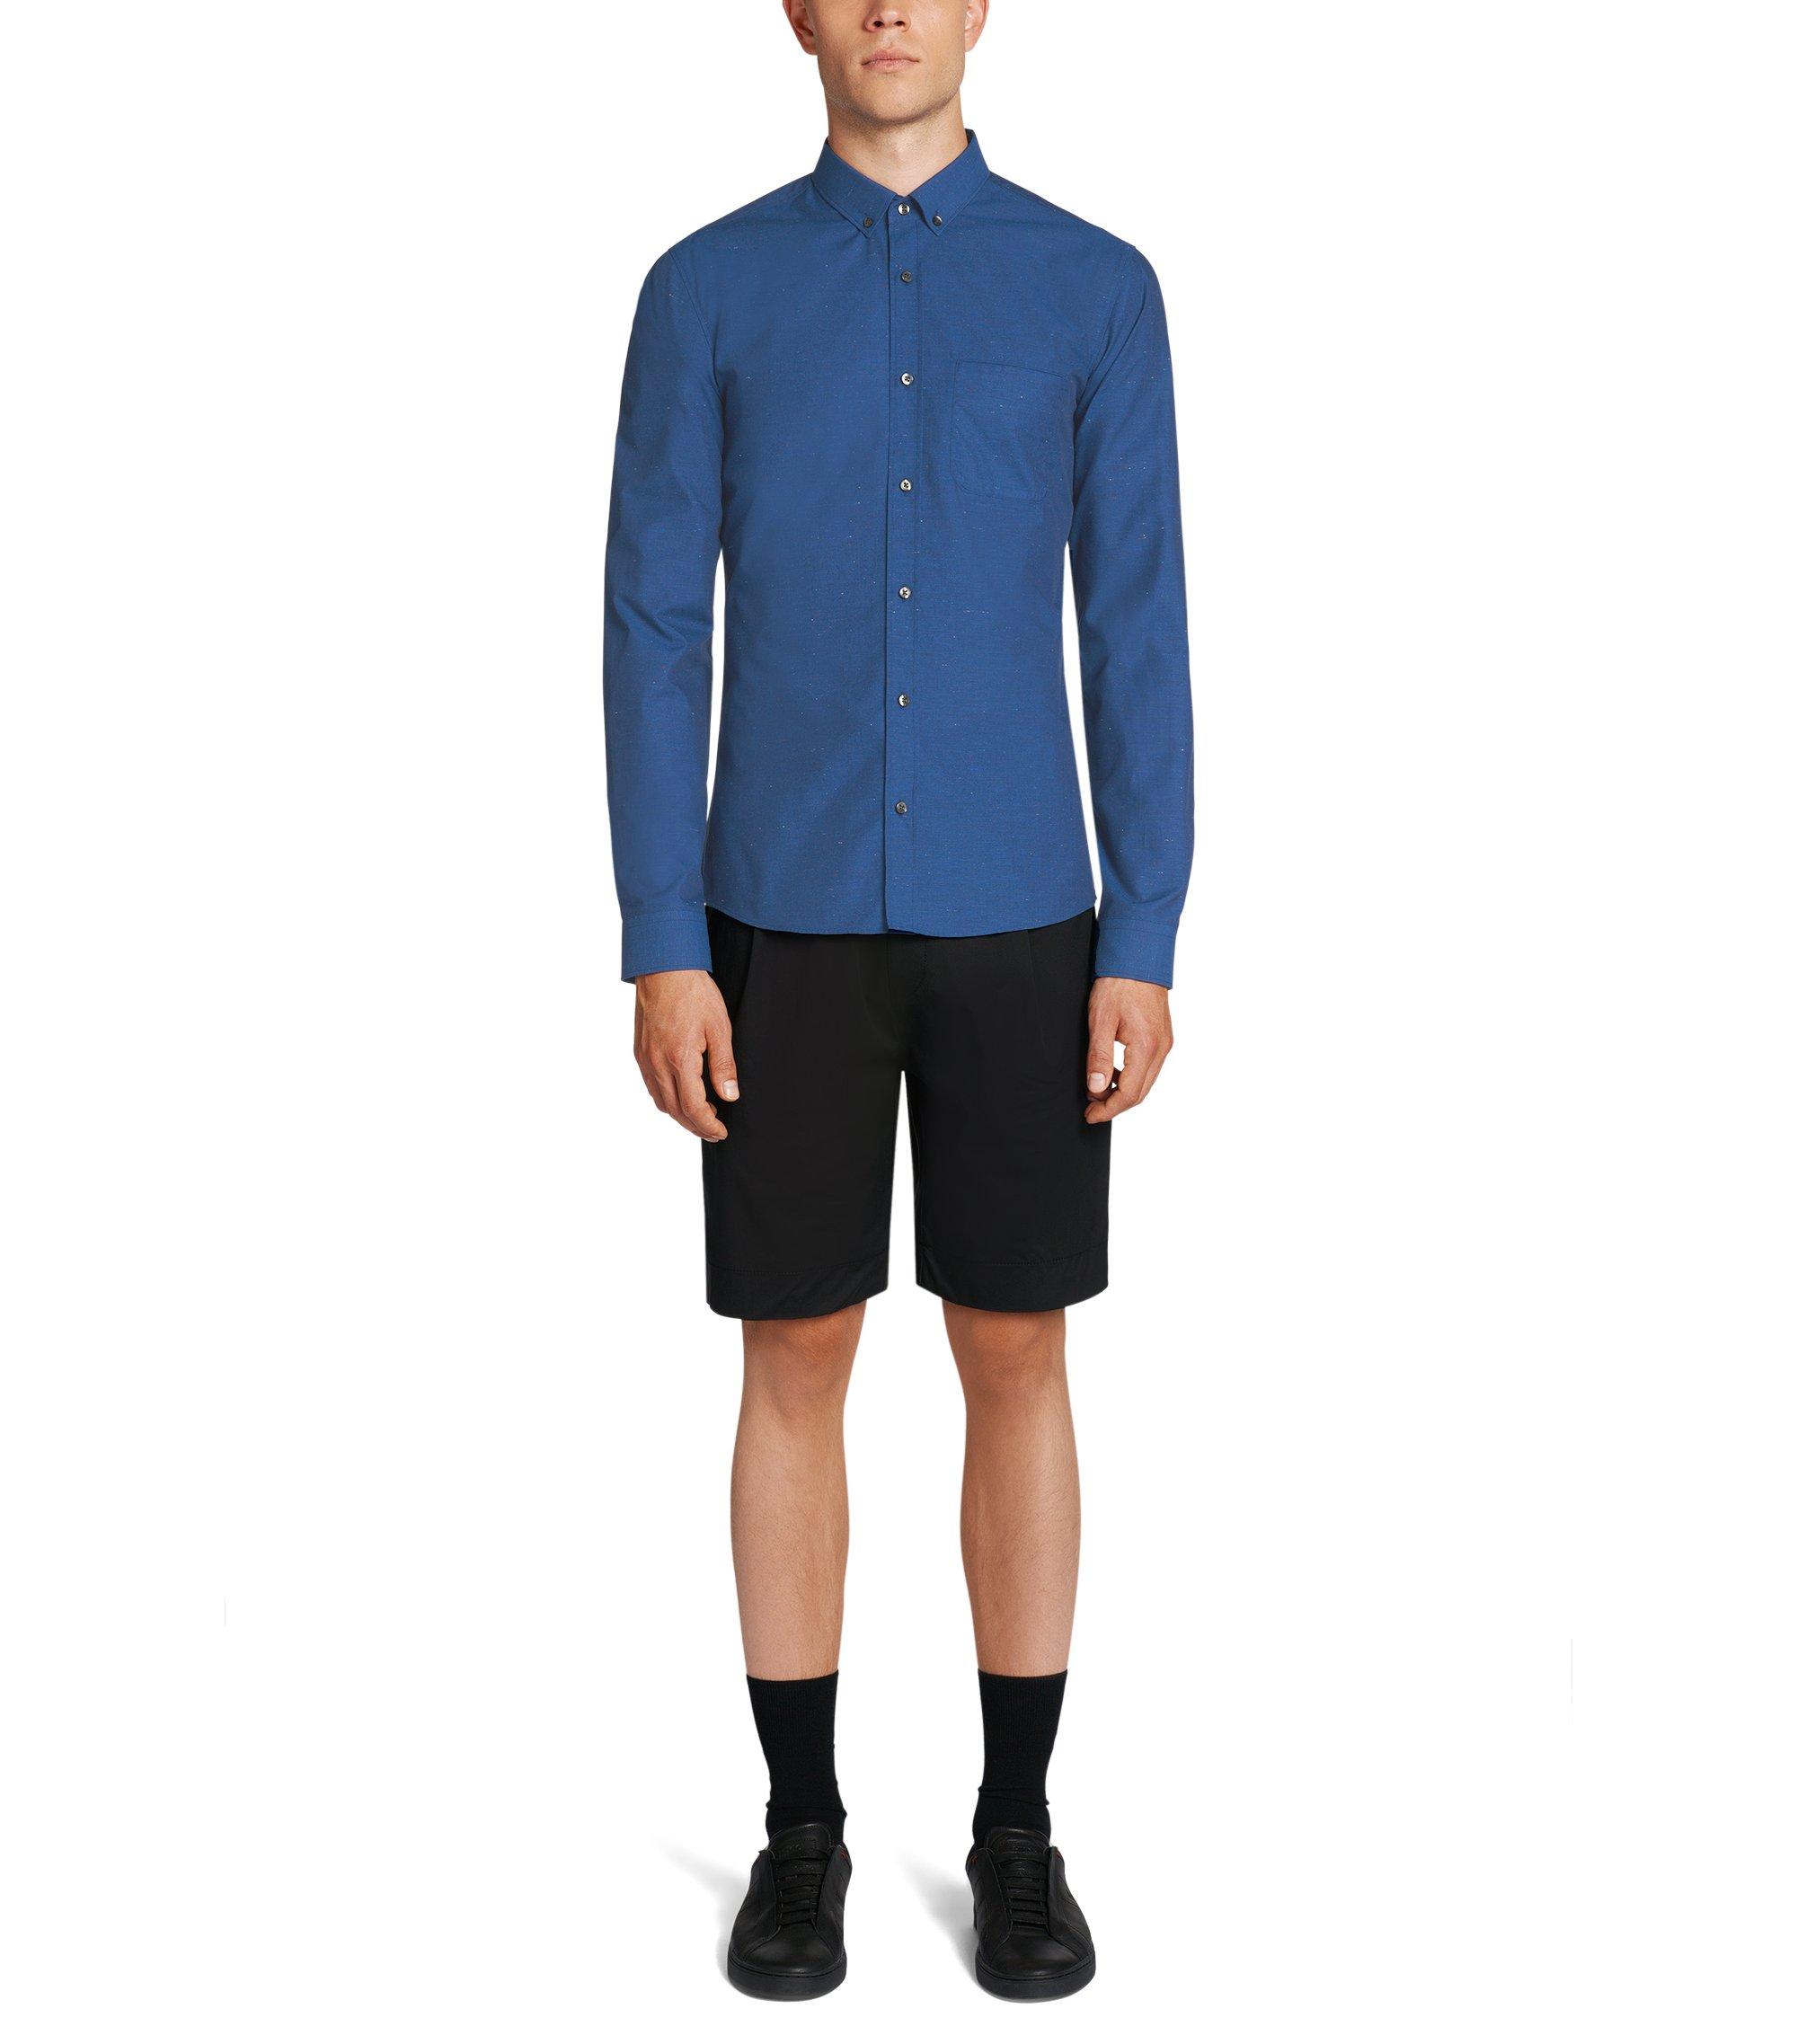 Slim-Fit Hemd aus reiner Baumwolle mit kontrastfarbenen Fasern: 'Enico', Blau